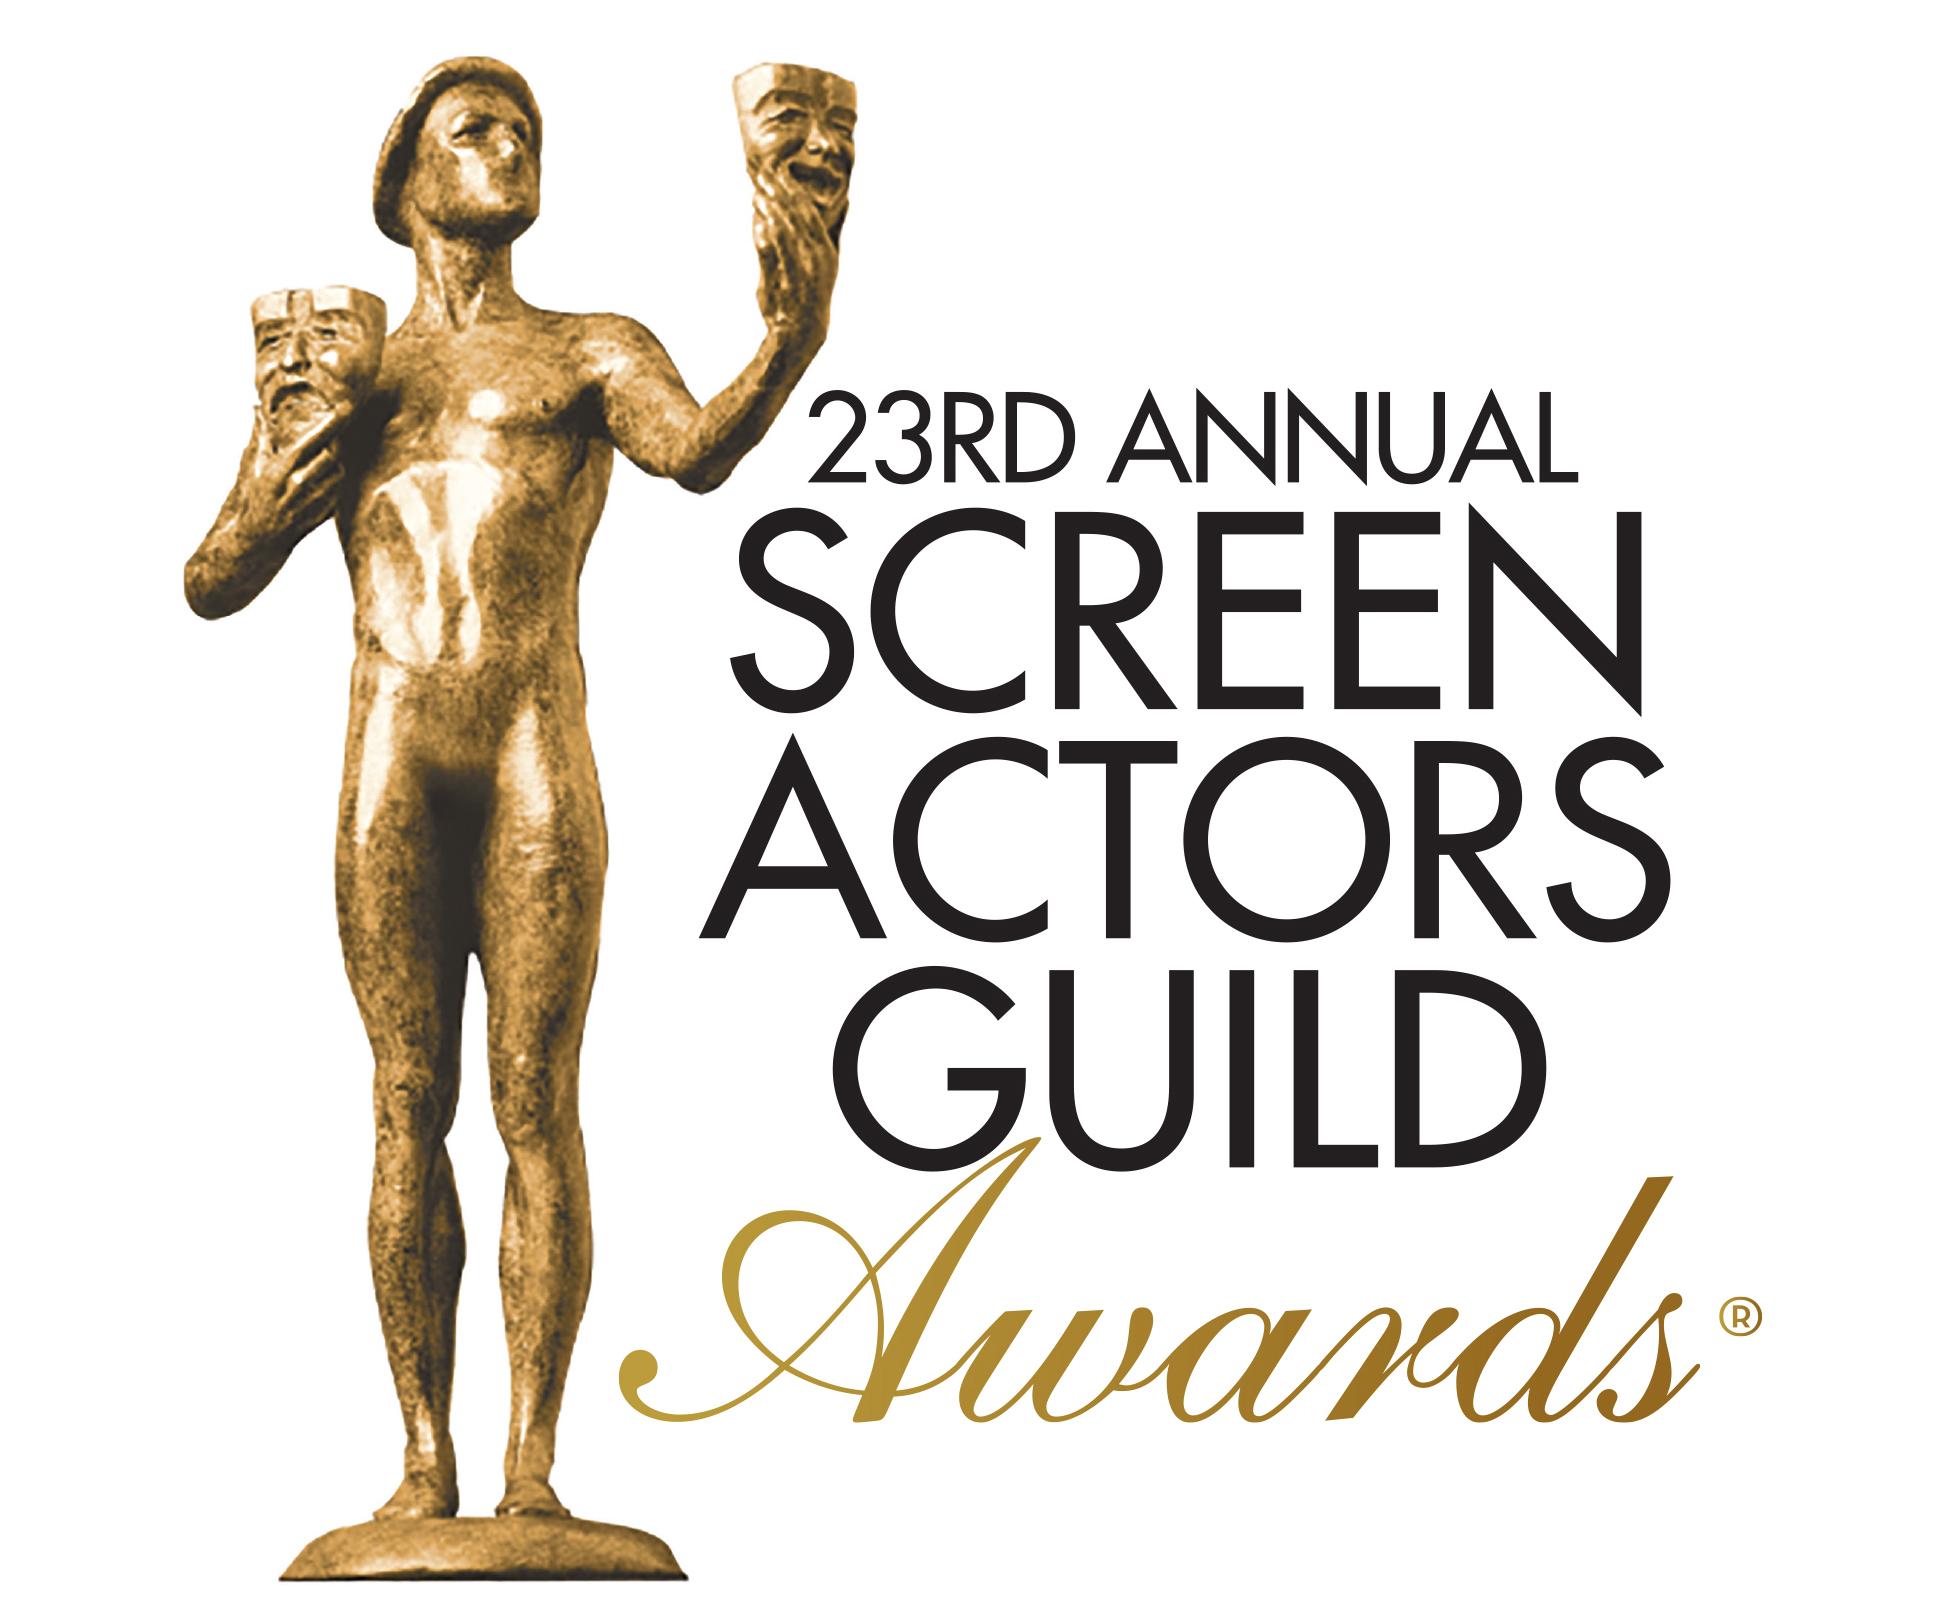 sag-actors-guild-awards-4chion-lifestyle